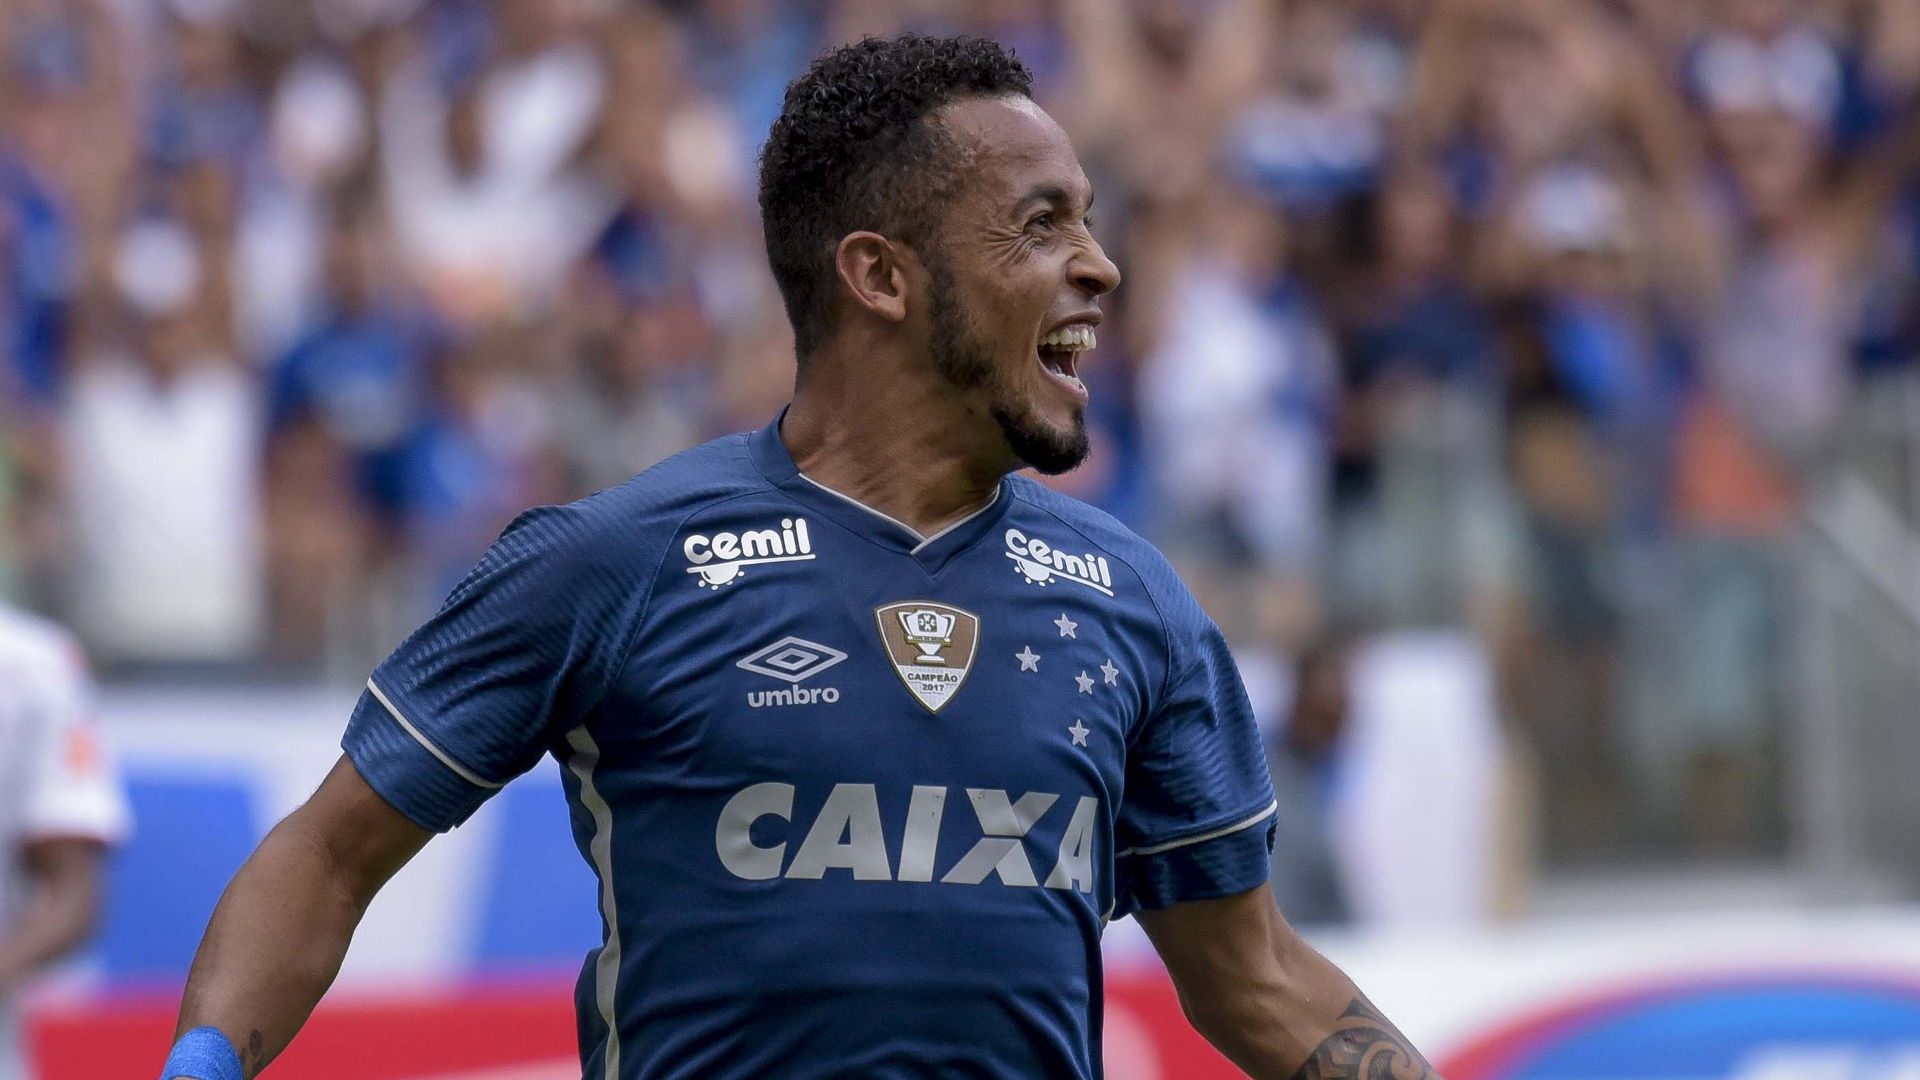 Cruzeiro divulga novo uniforme para a temporada 2018